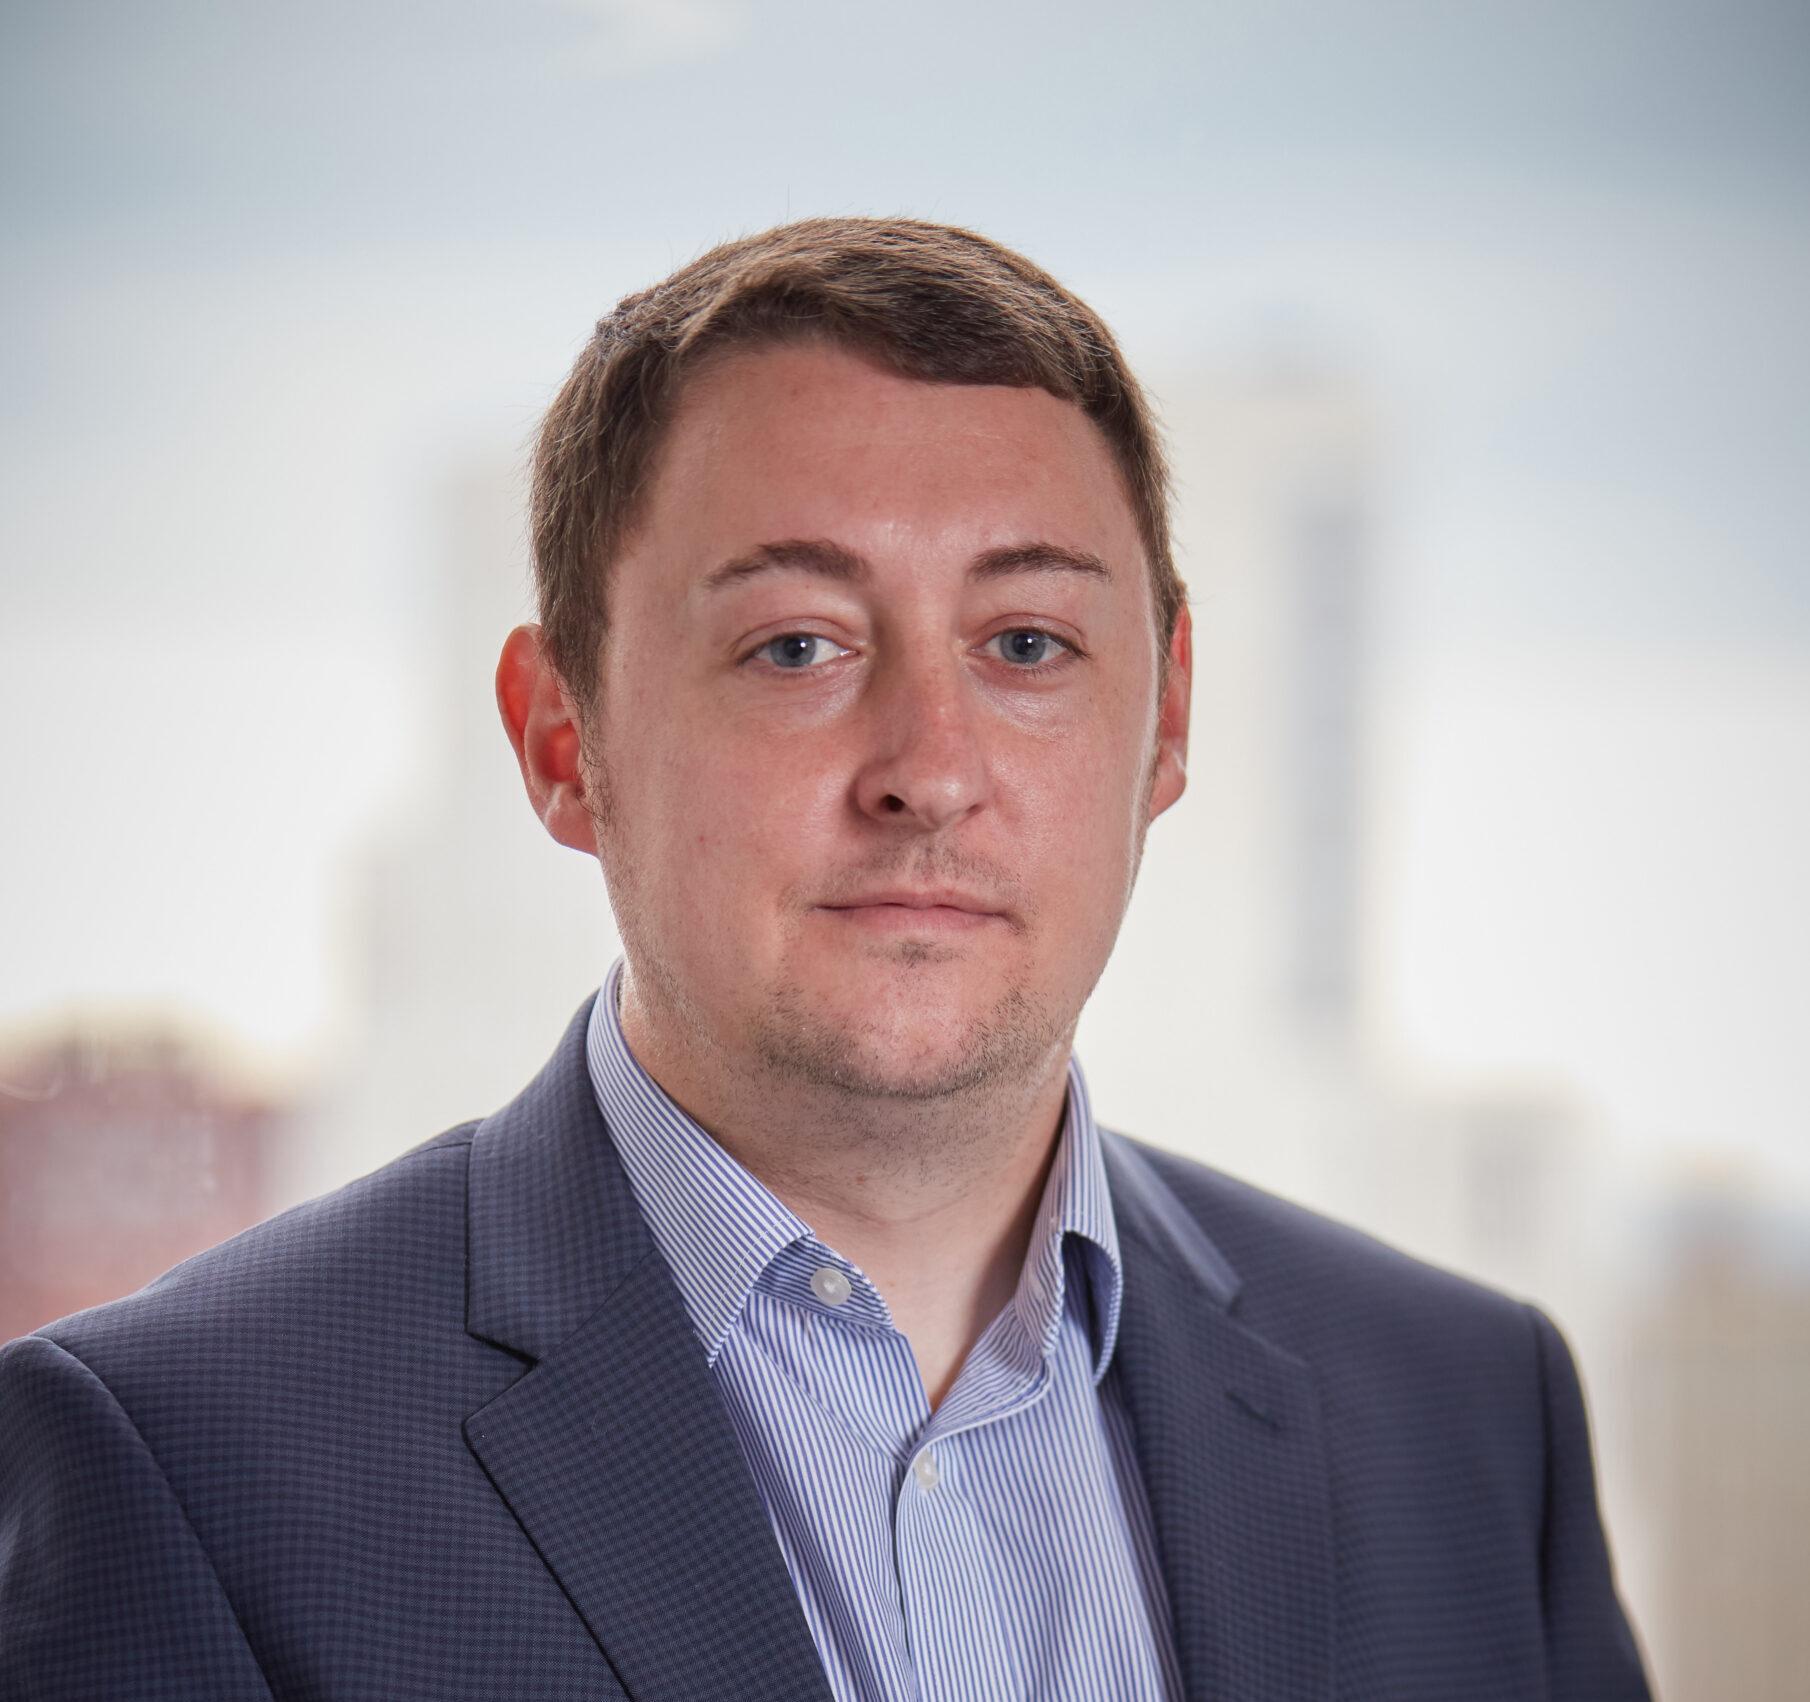 Damien Loughran, FCCA